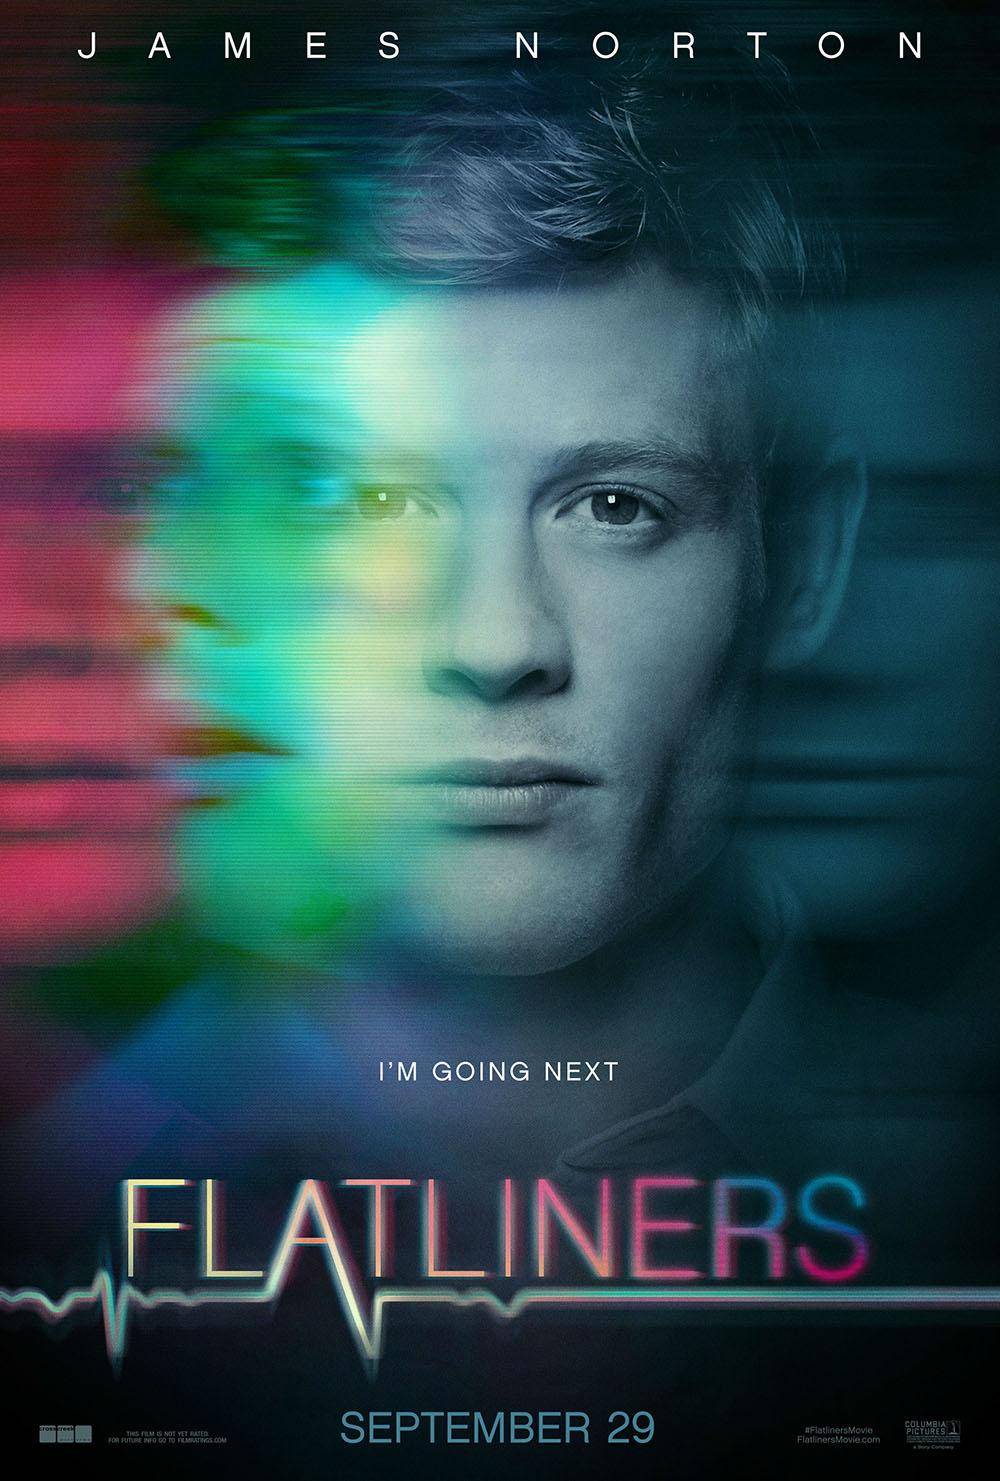 Flatliners poster james norton pipoca moderna flatliners poster james norton stopboris Images